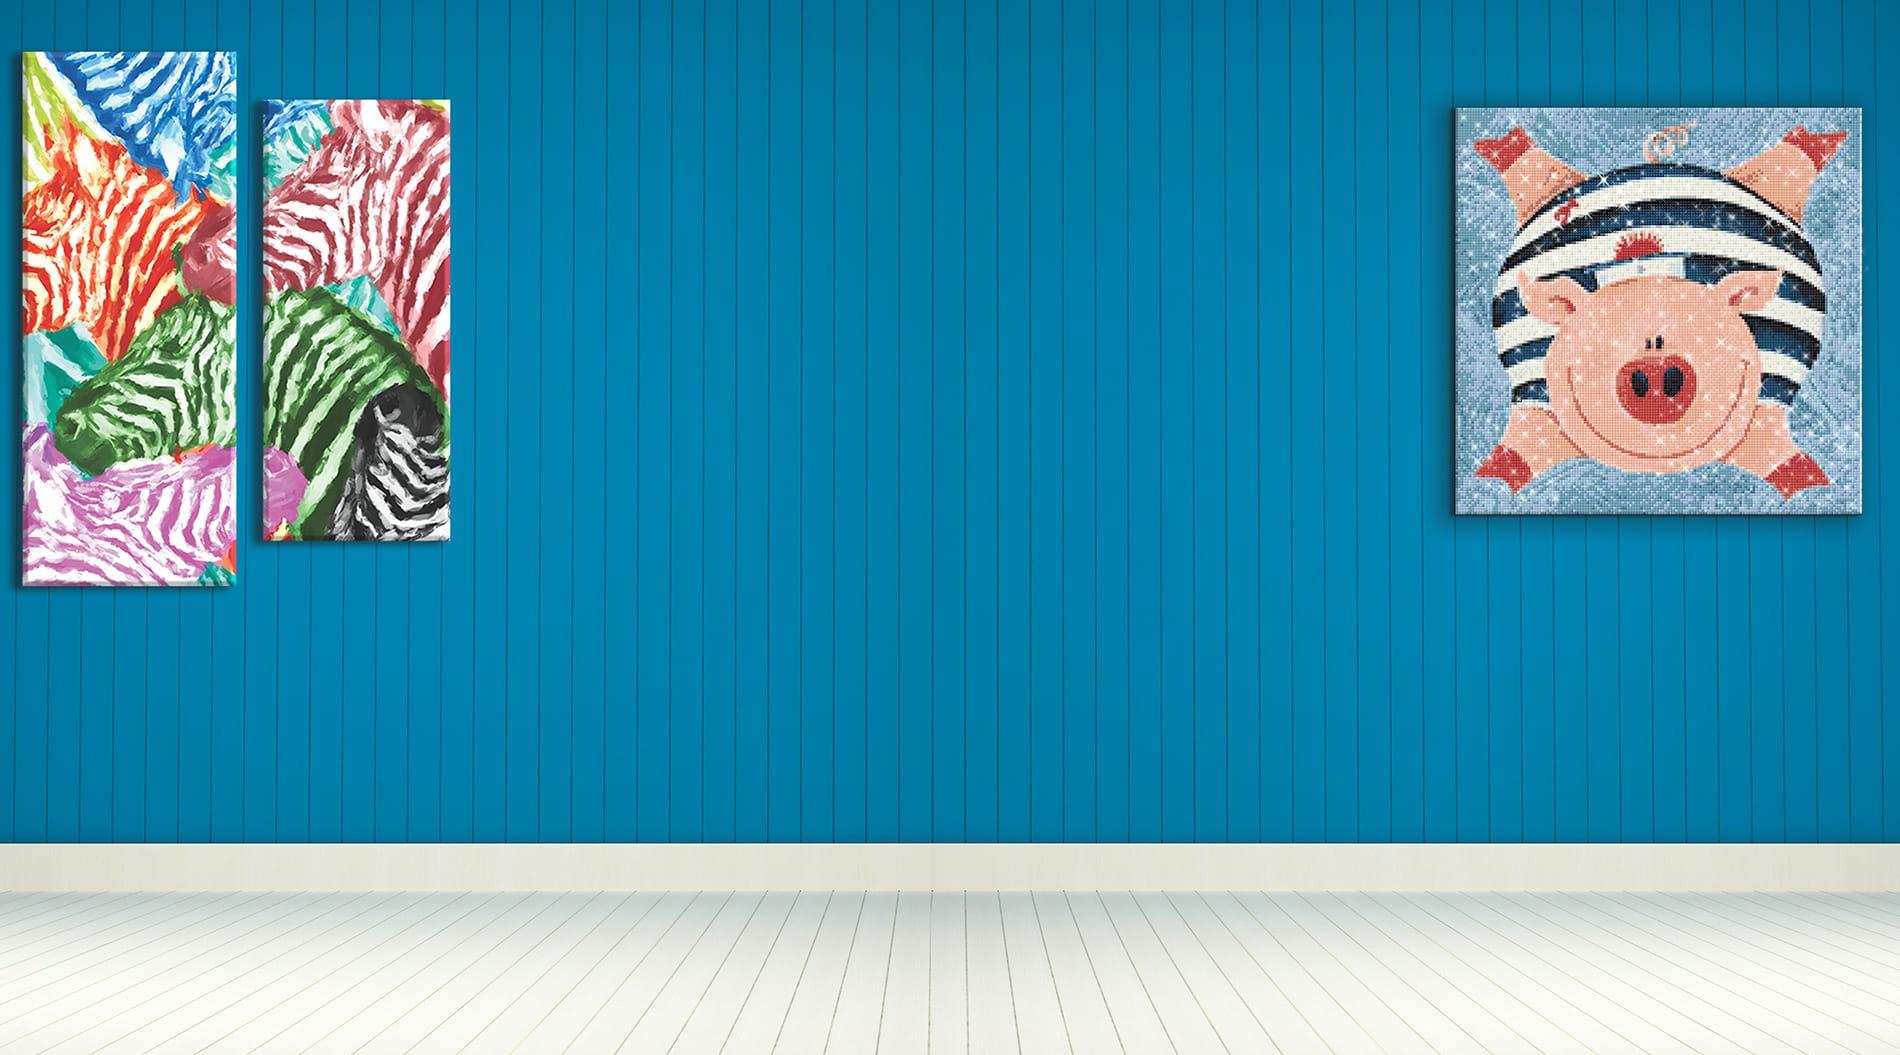 Foto op canvas en Diamond Painting Pakketten Banner